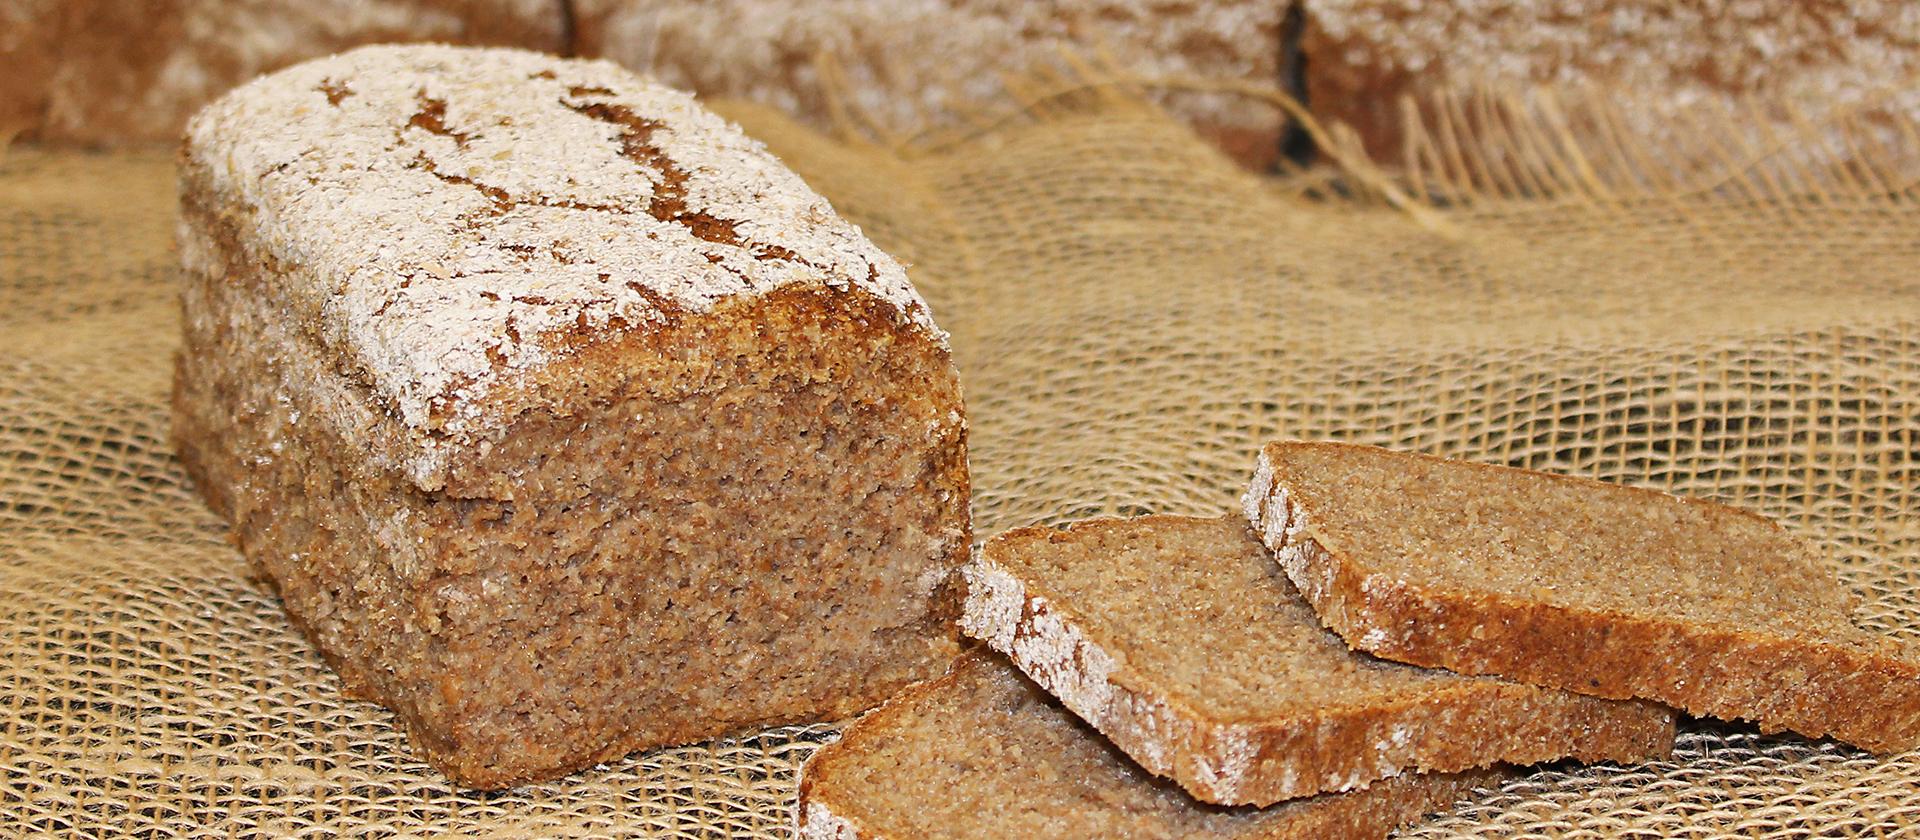 Bäcker Bachmeier Brot: Vollkorn Trifft Sauerteig